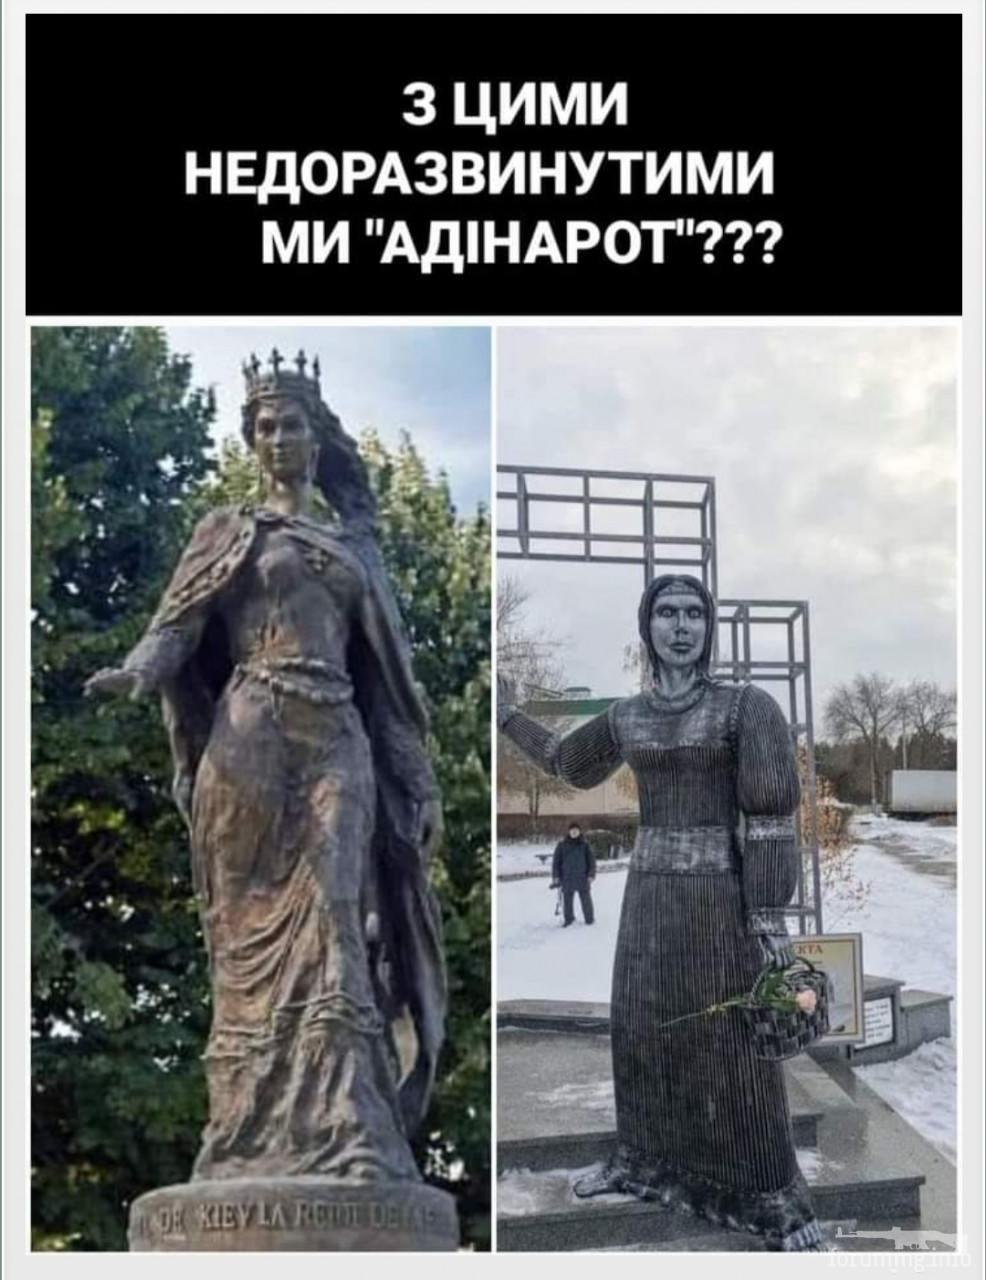 136774 - Украинцы и россияне,откуда ненависть.